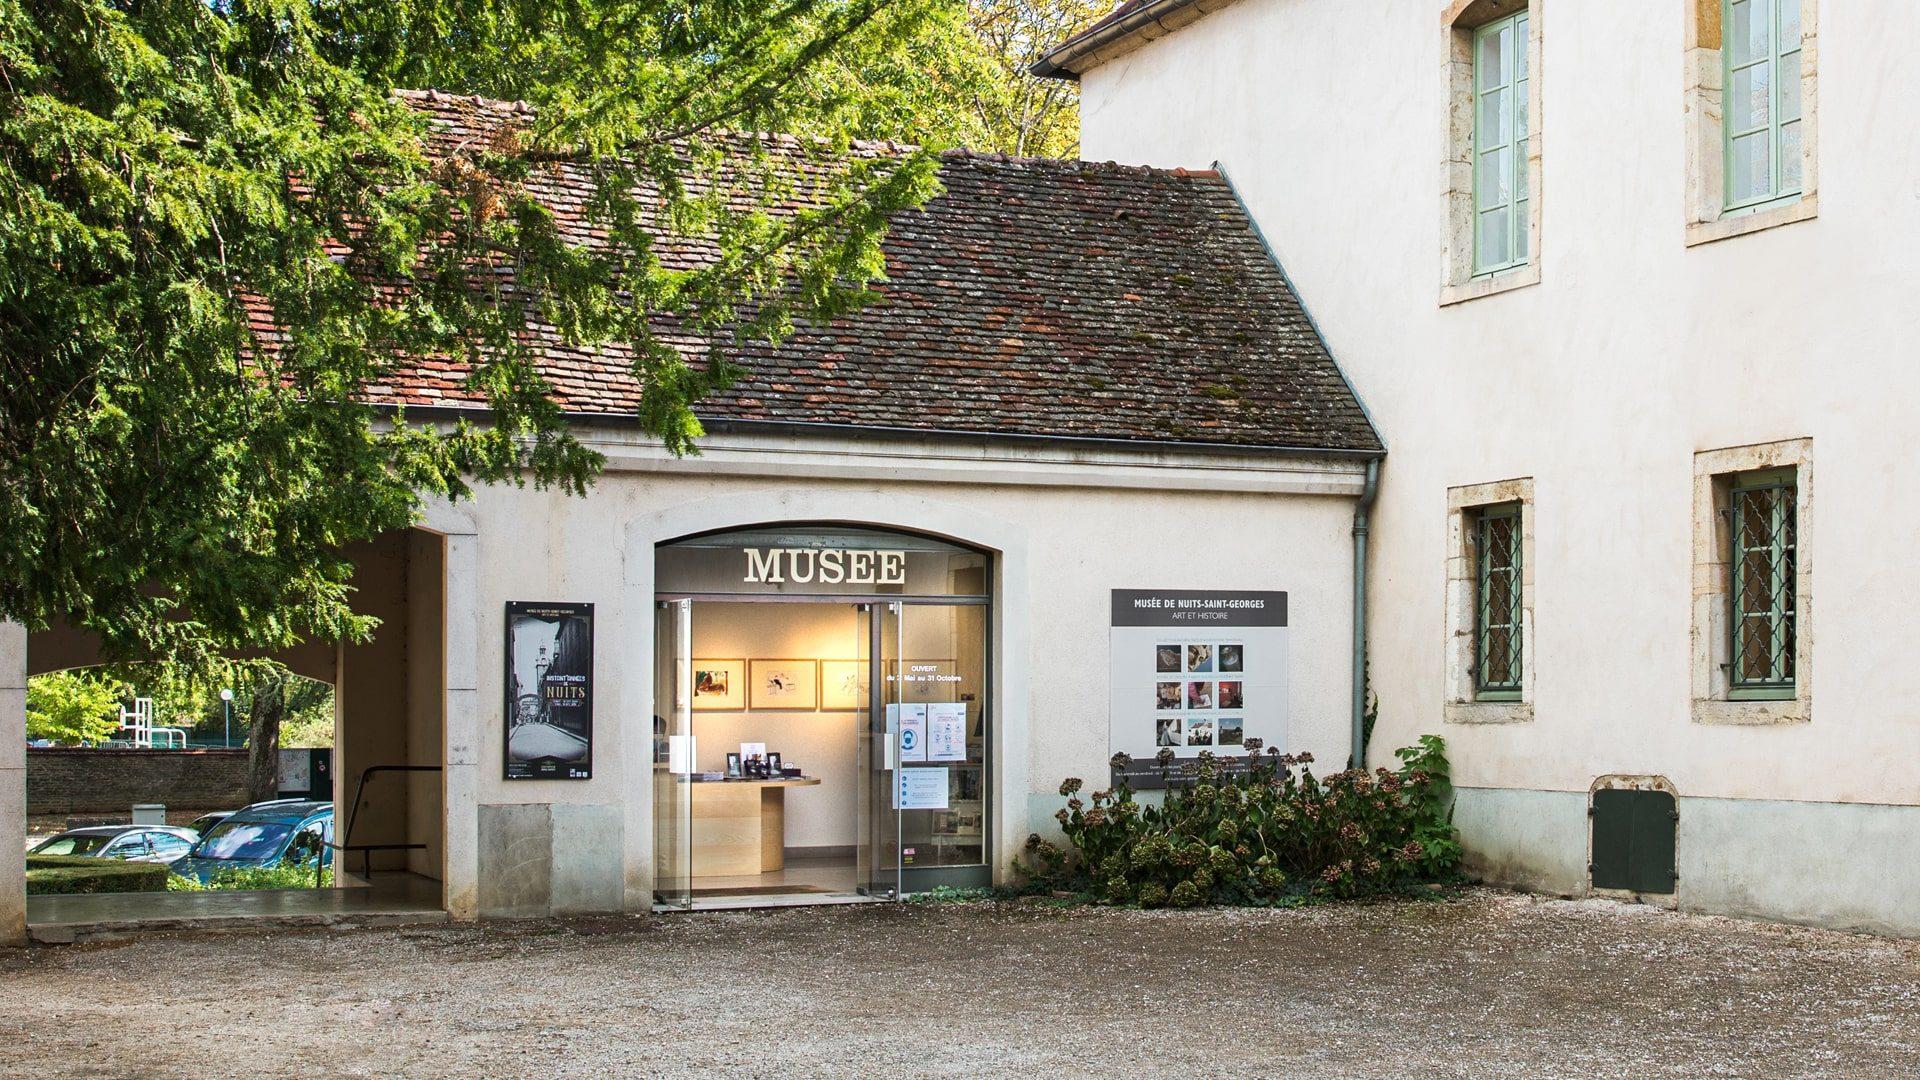 Musee-de-NSG-min